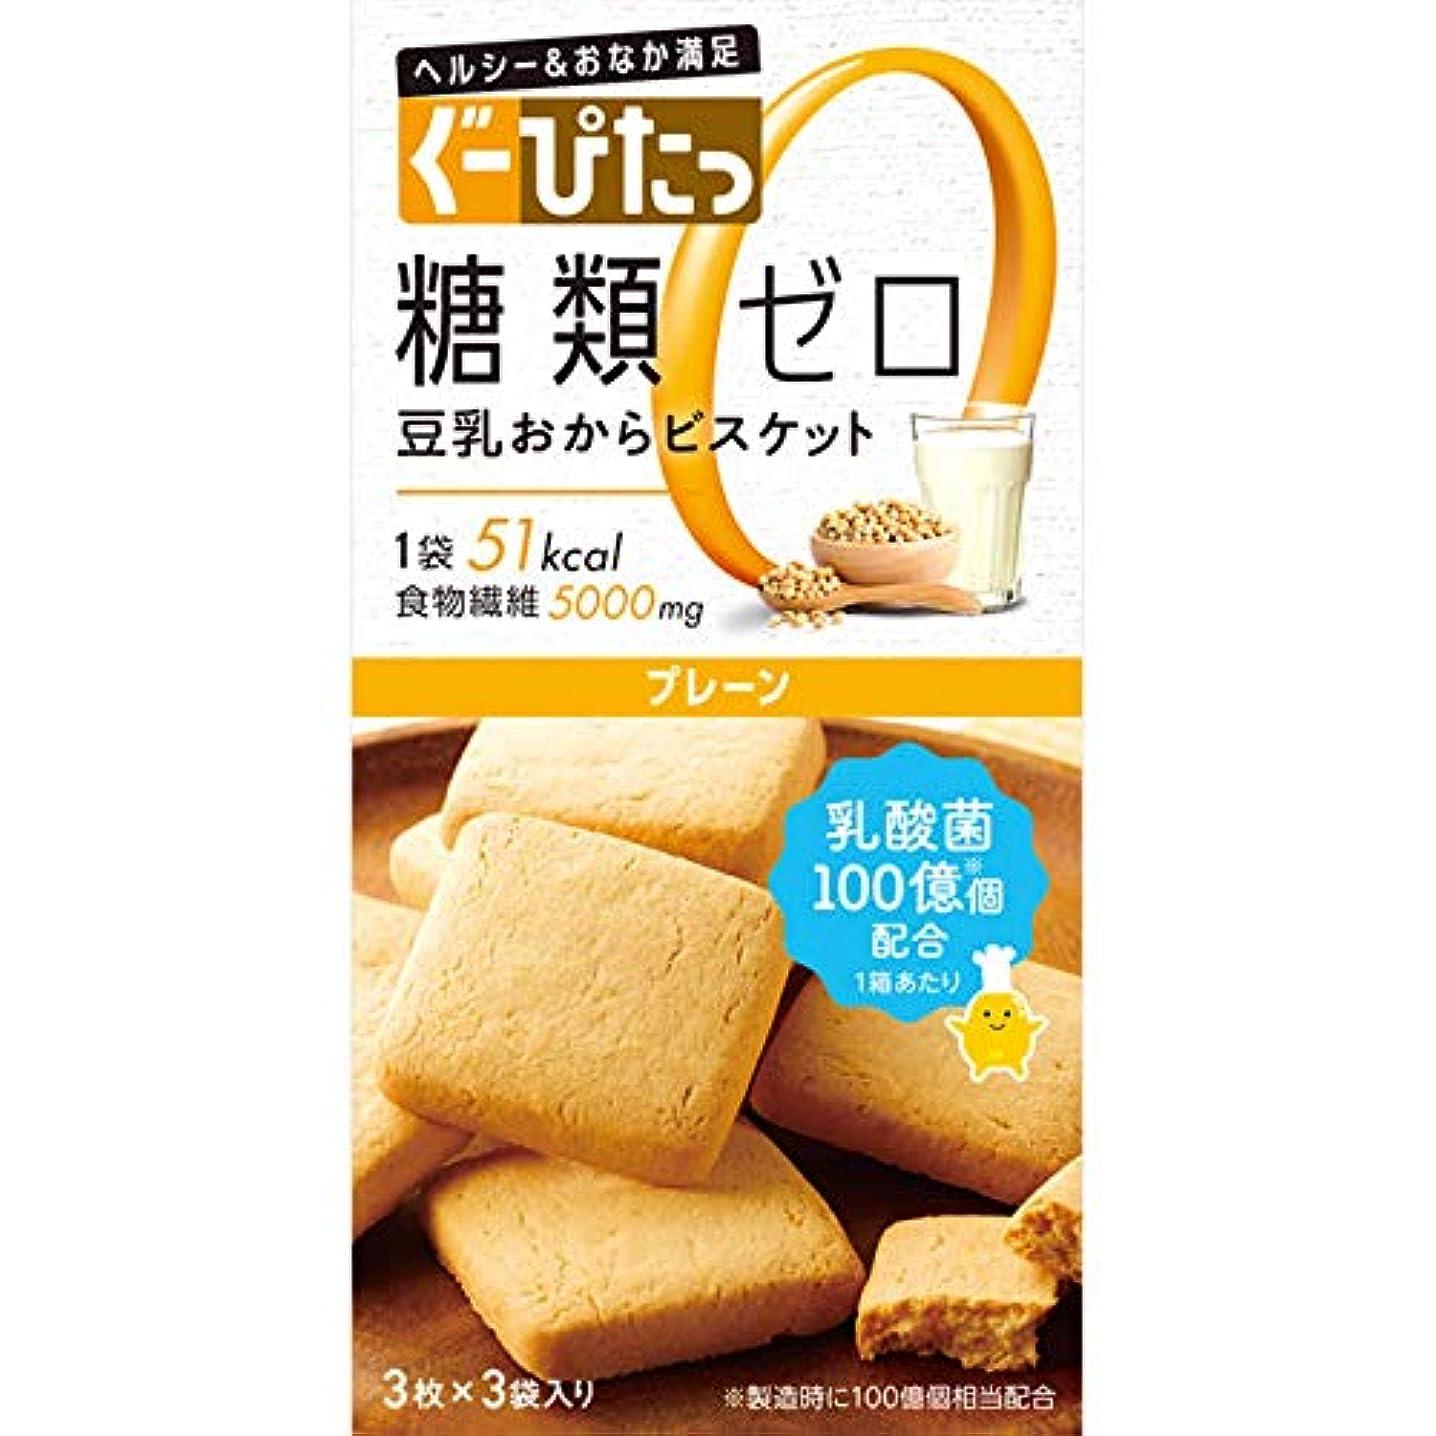 アイスクリームあいさつミントナリスアップ ぐーぴたっ 豆乳おからビスケット プレーン (3枚×3袋) ダイエット食品